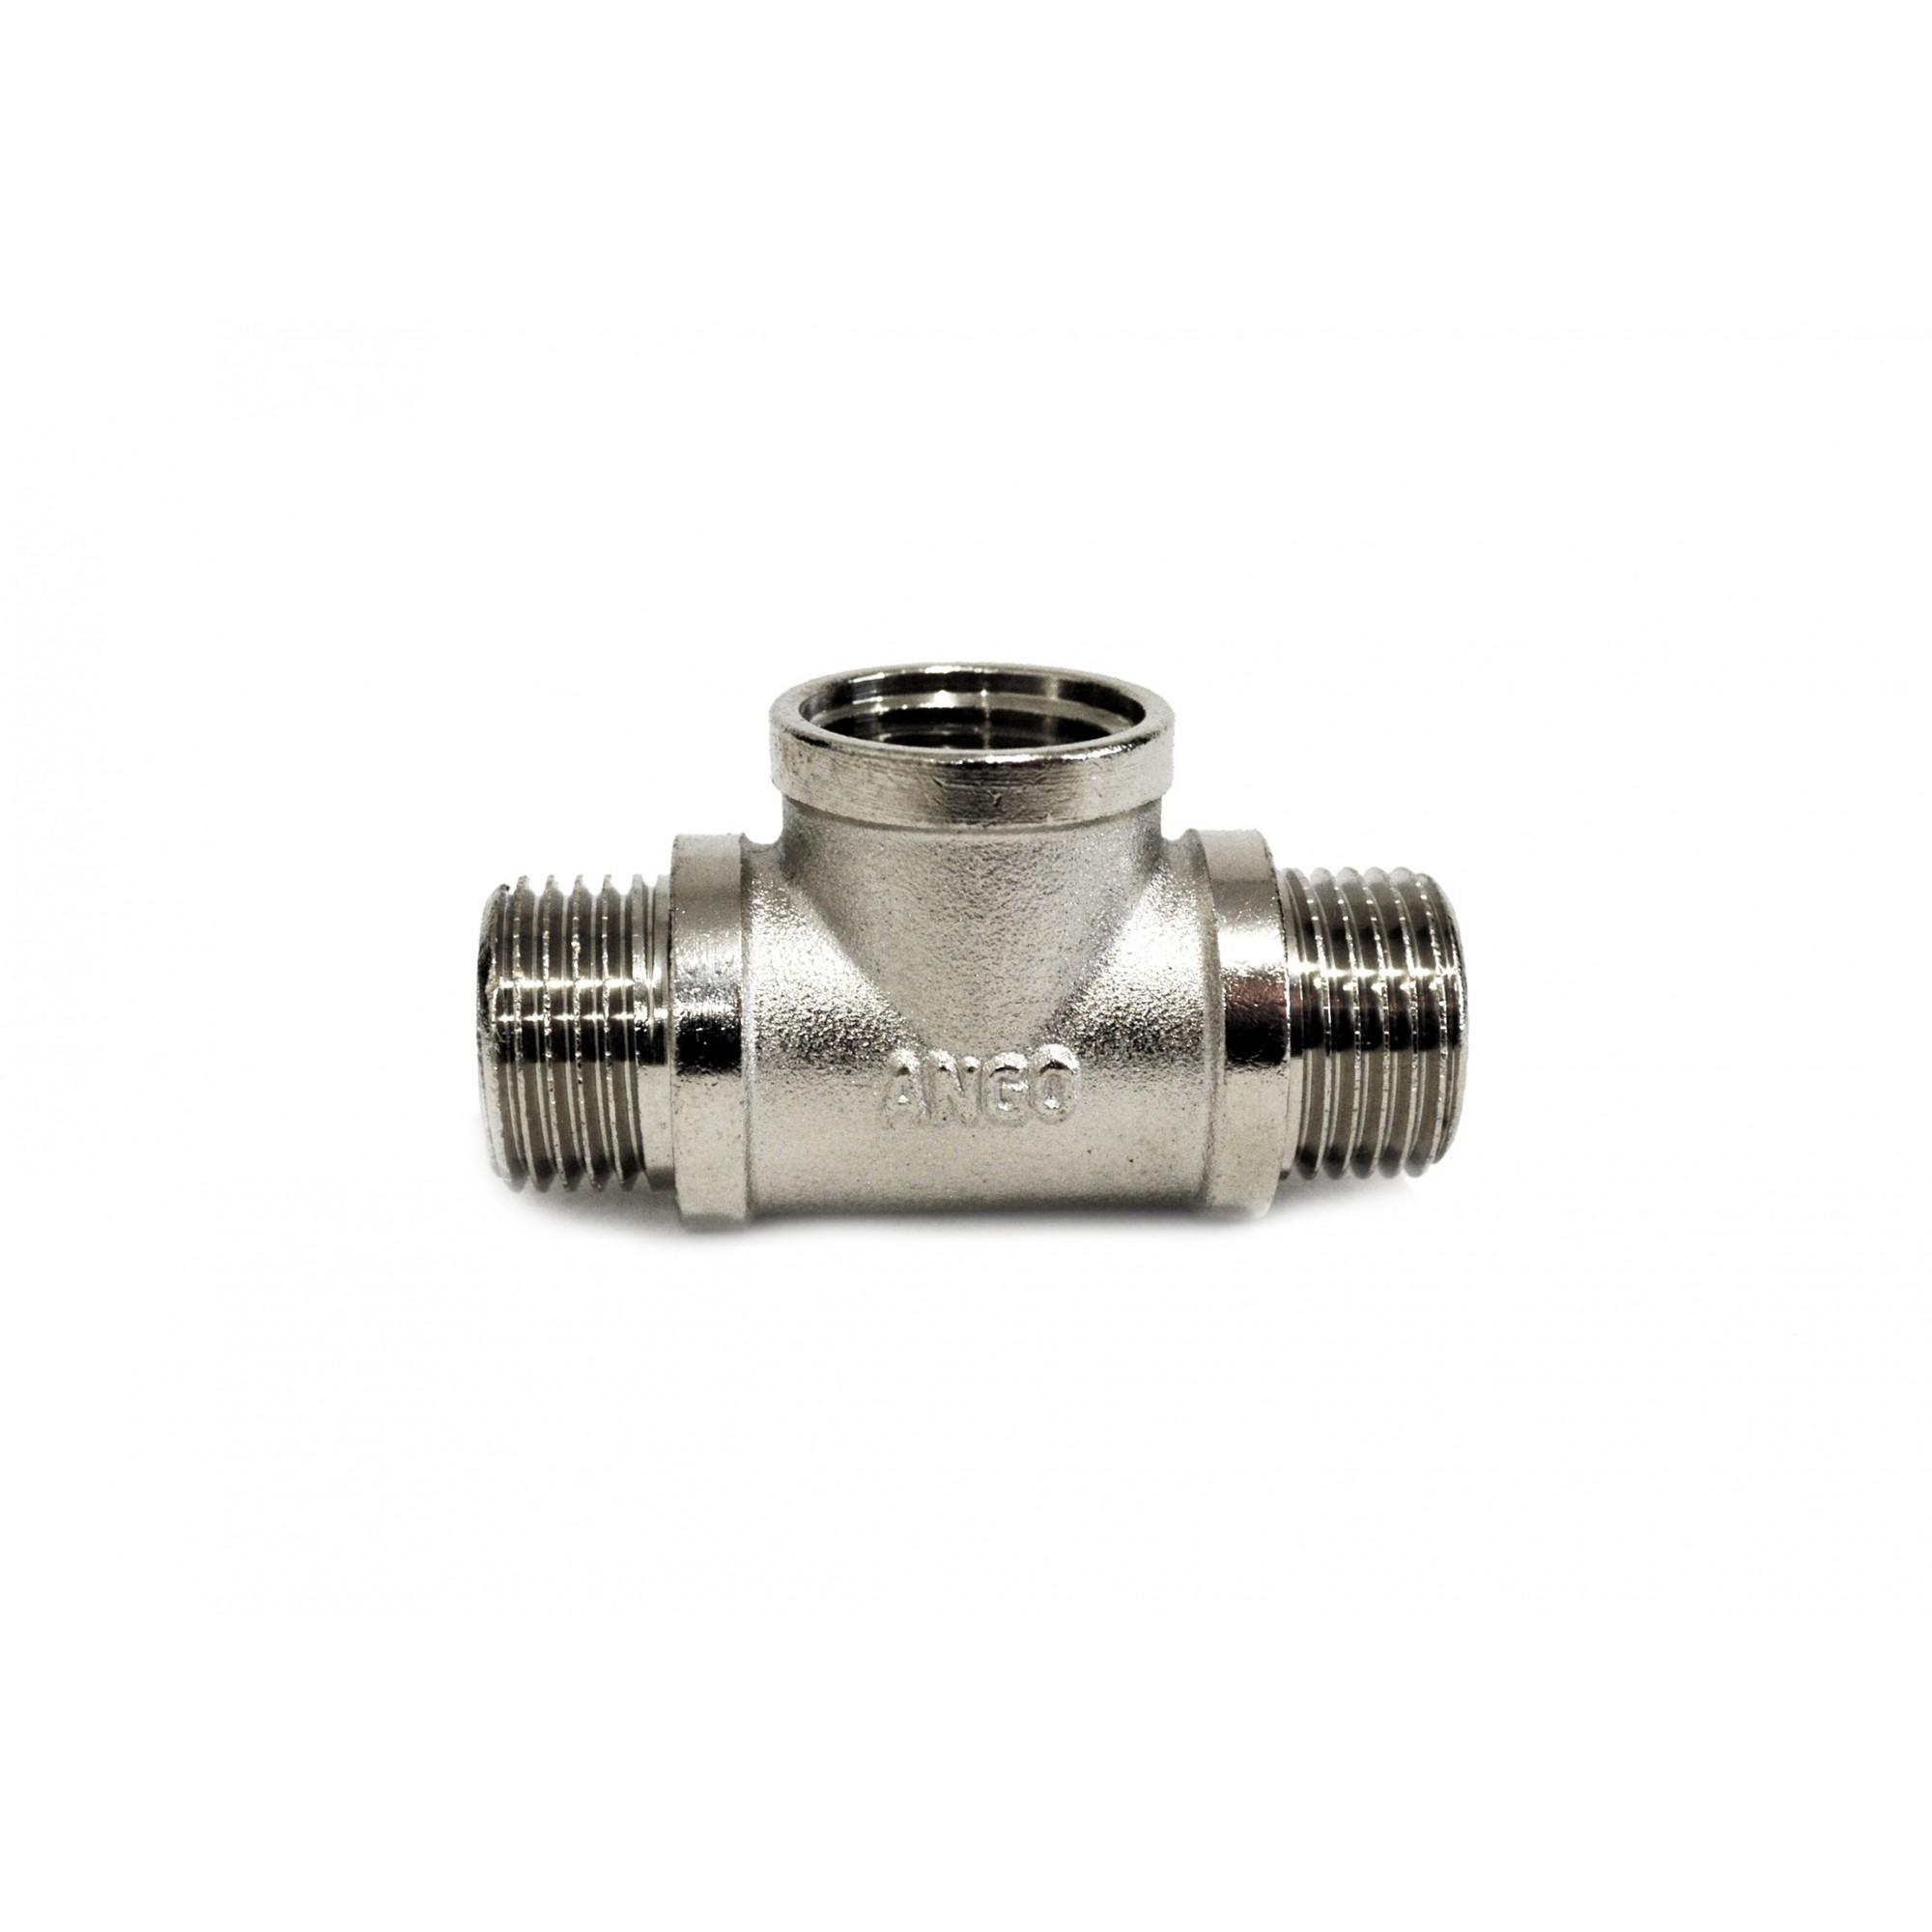 Тройник 1/2внн никелированный ANGO ANGO - 1